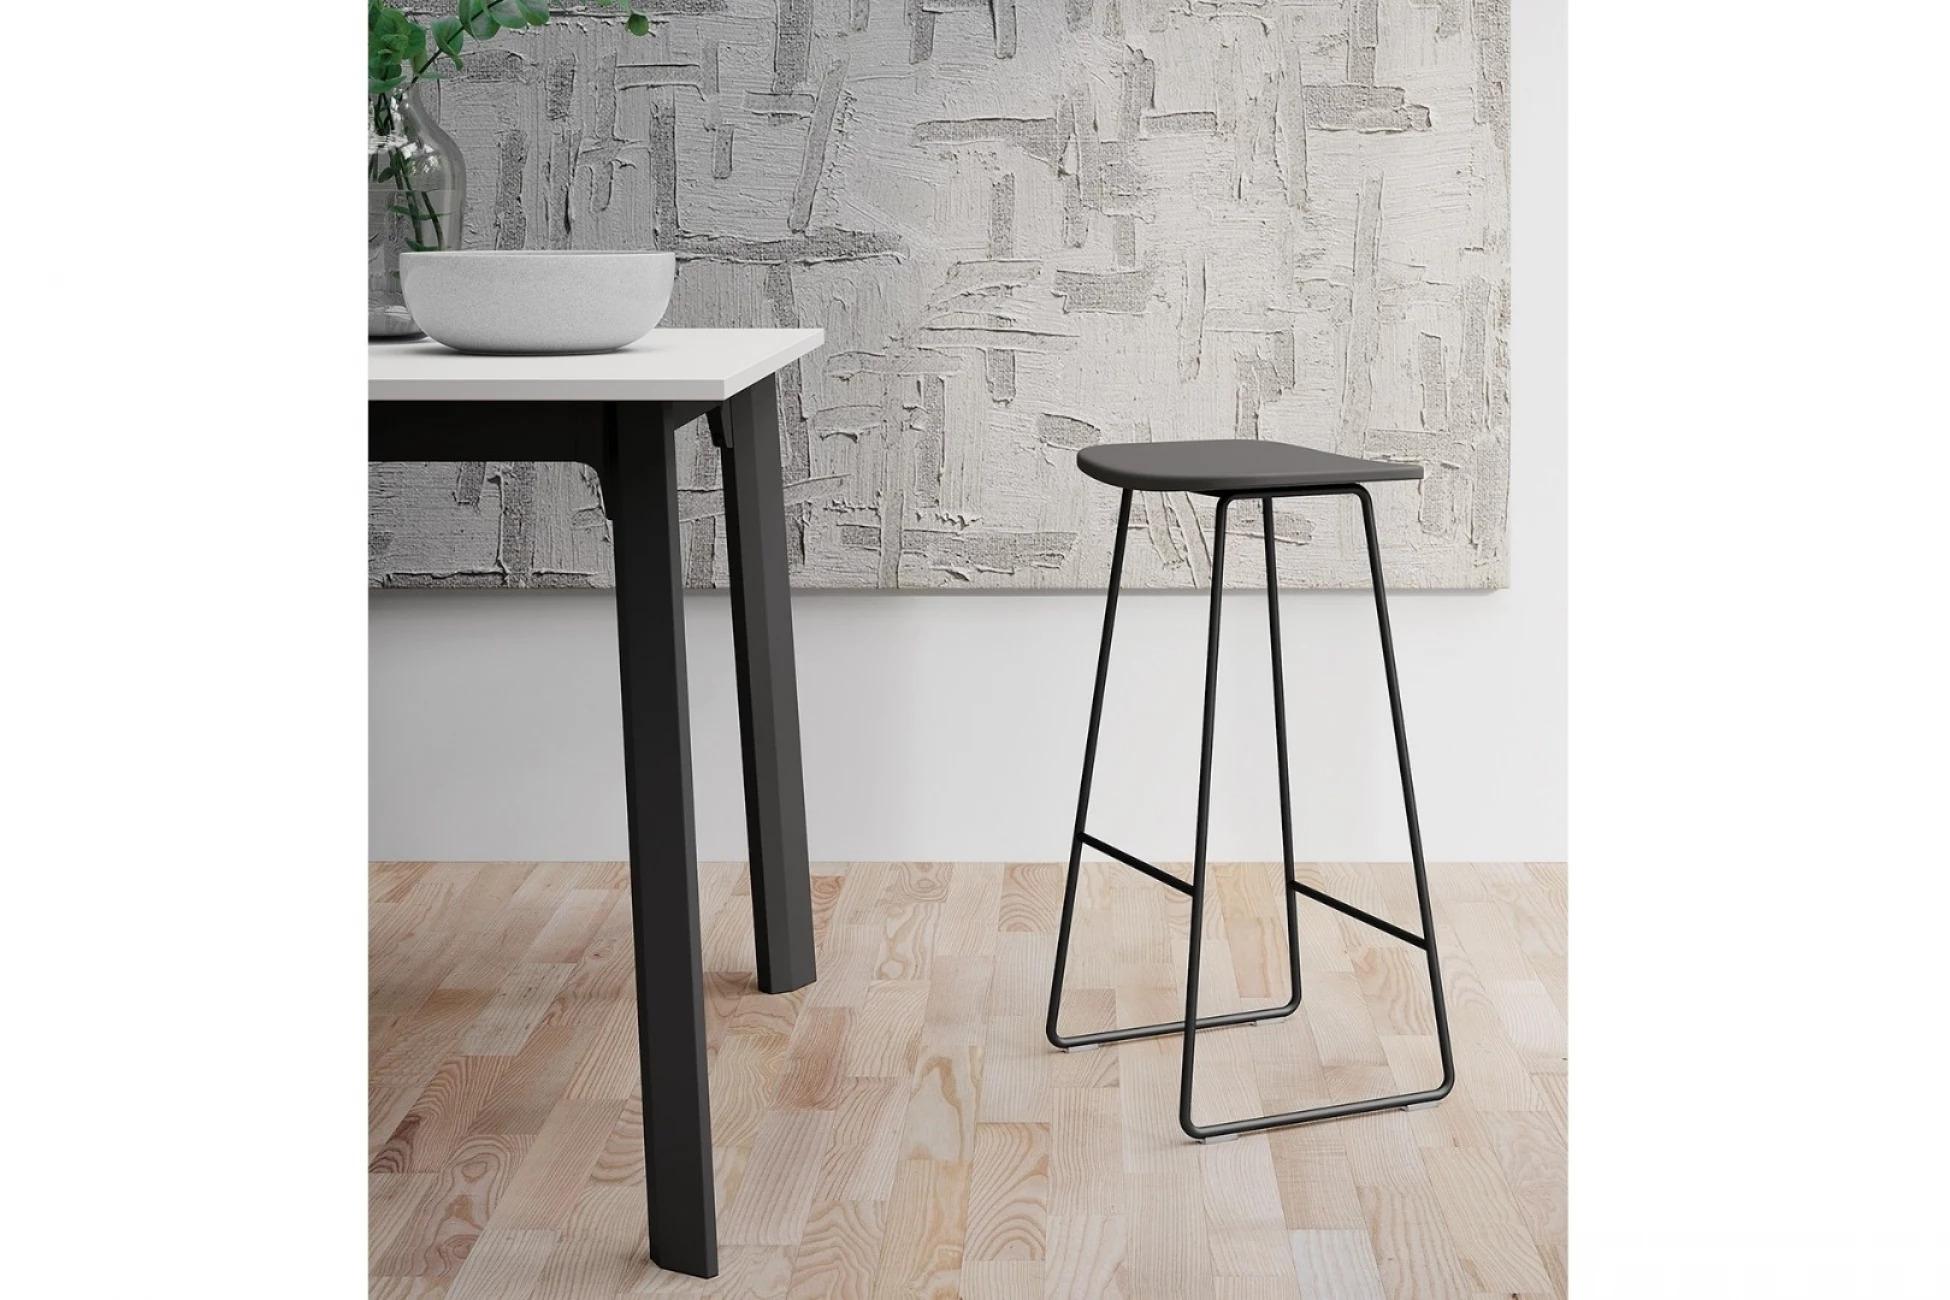 Итальянский барный стул SIGMA P от фабрики Arredo3